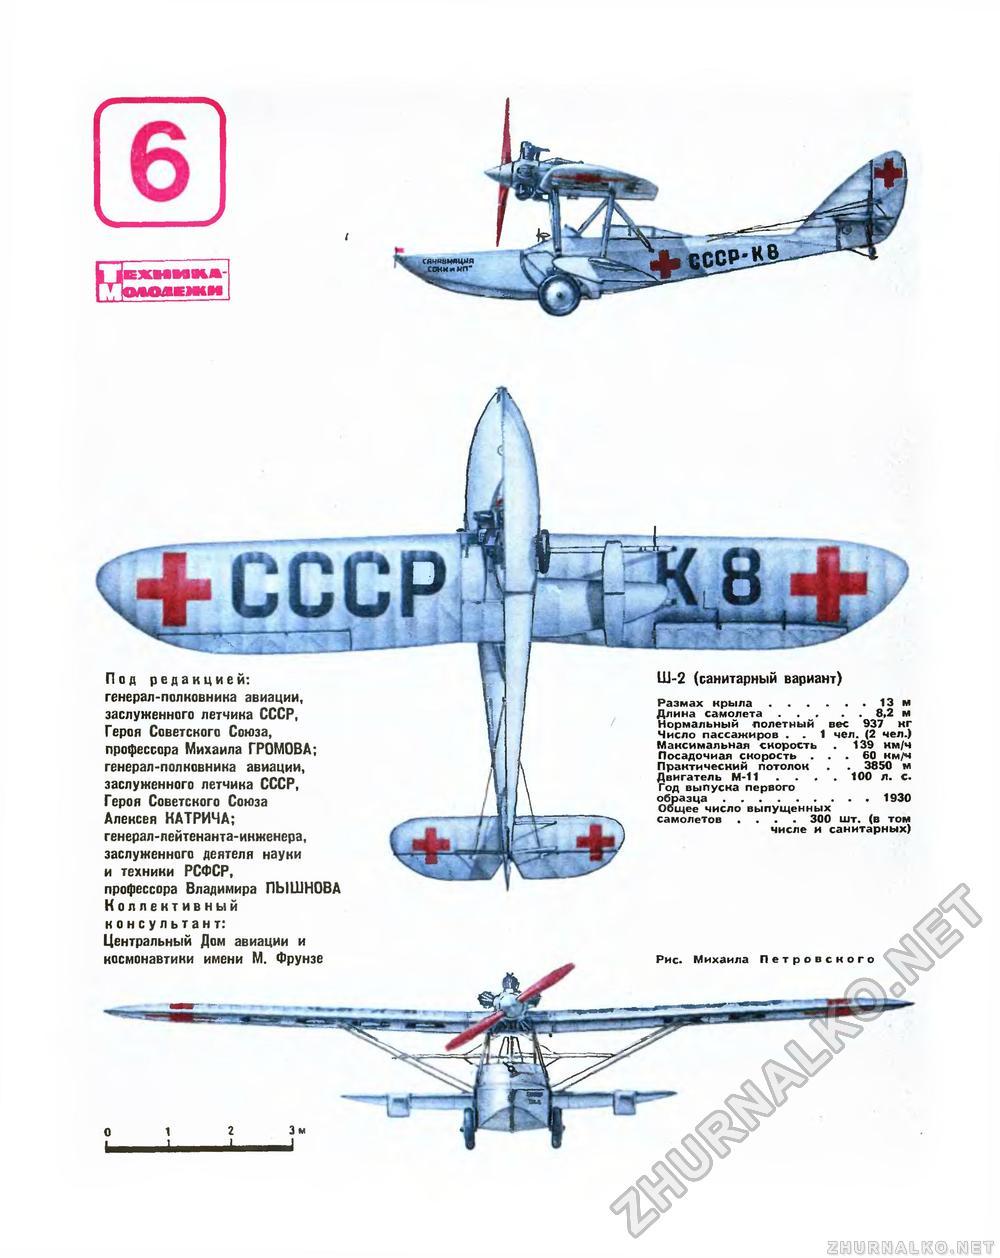 ...самолета-амфибии Ш-2 - единственного в мире крупносерийного самолета, опытный экземпляр которого строился на...